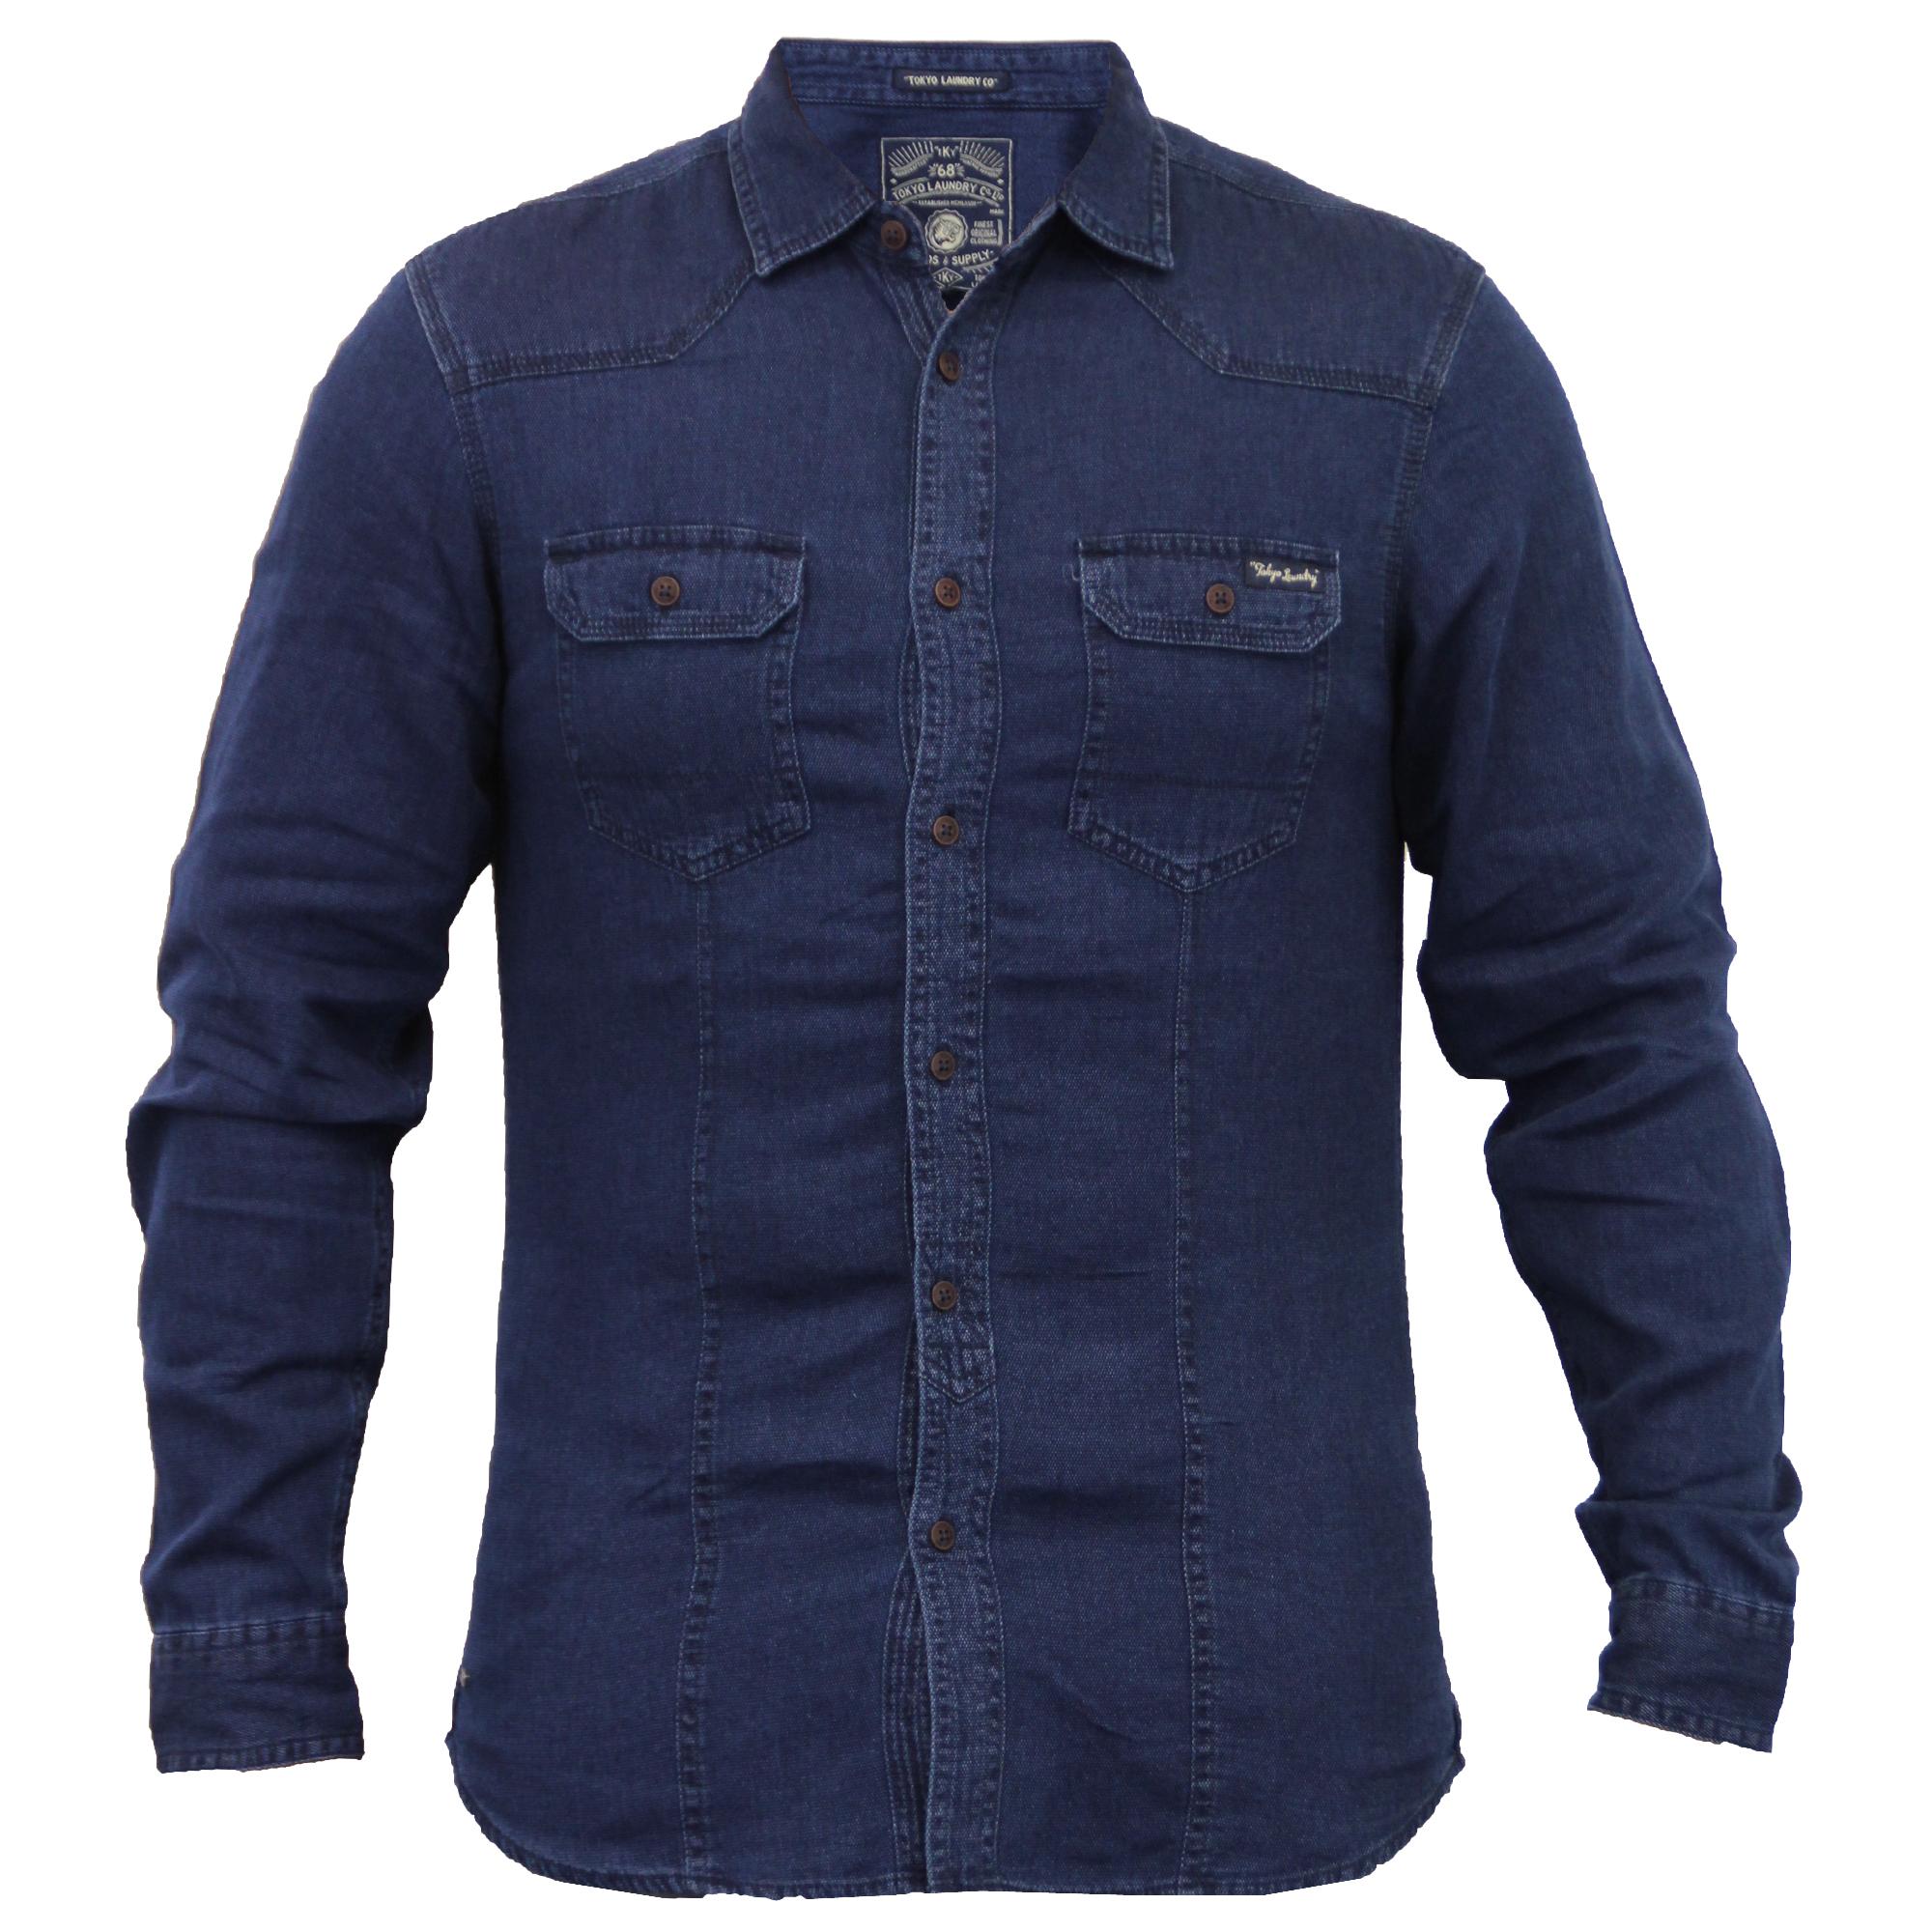 Da-Uomo-Camicie-Di-Jeans-Tokyo-Laundry-Con-Colletto-Western-a-Maniche-Lunghe-Casual-Nuovo